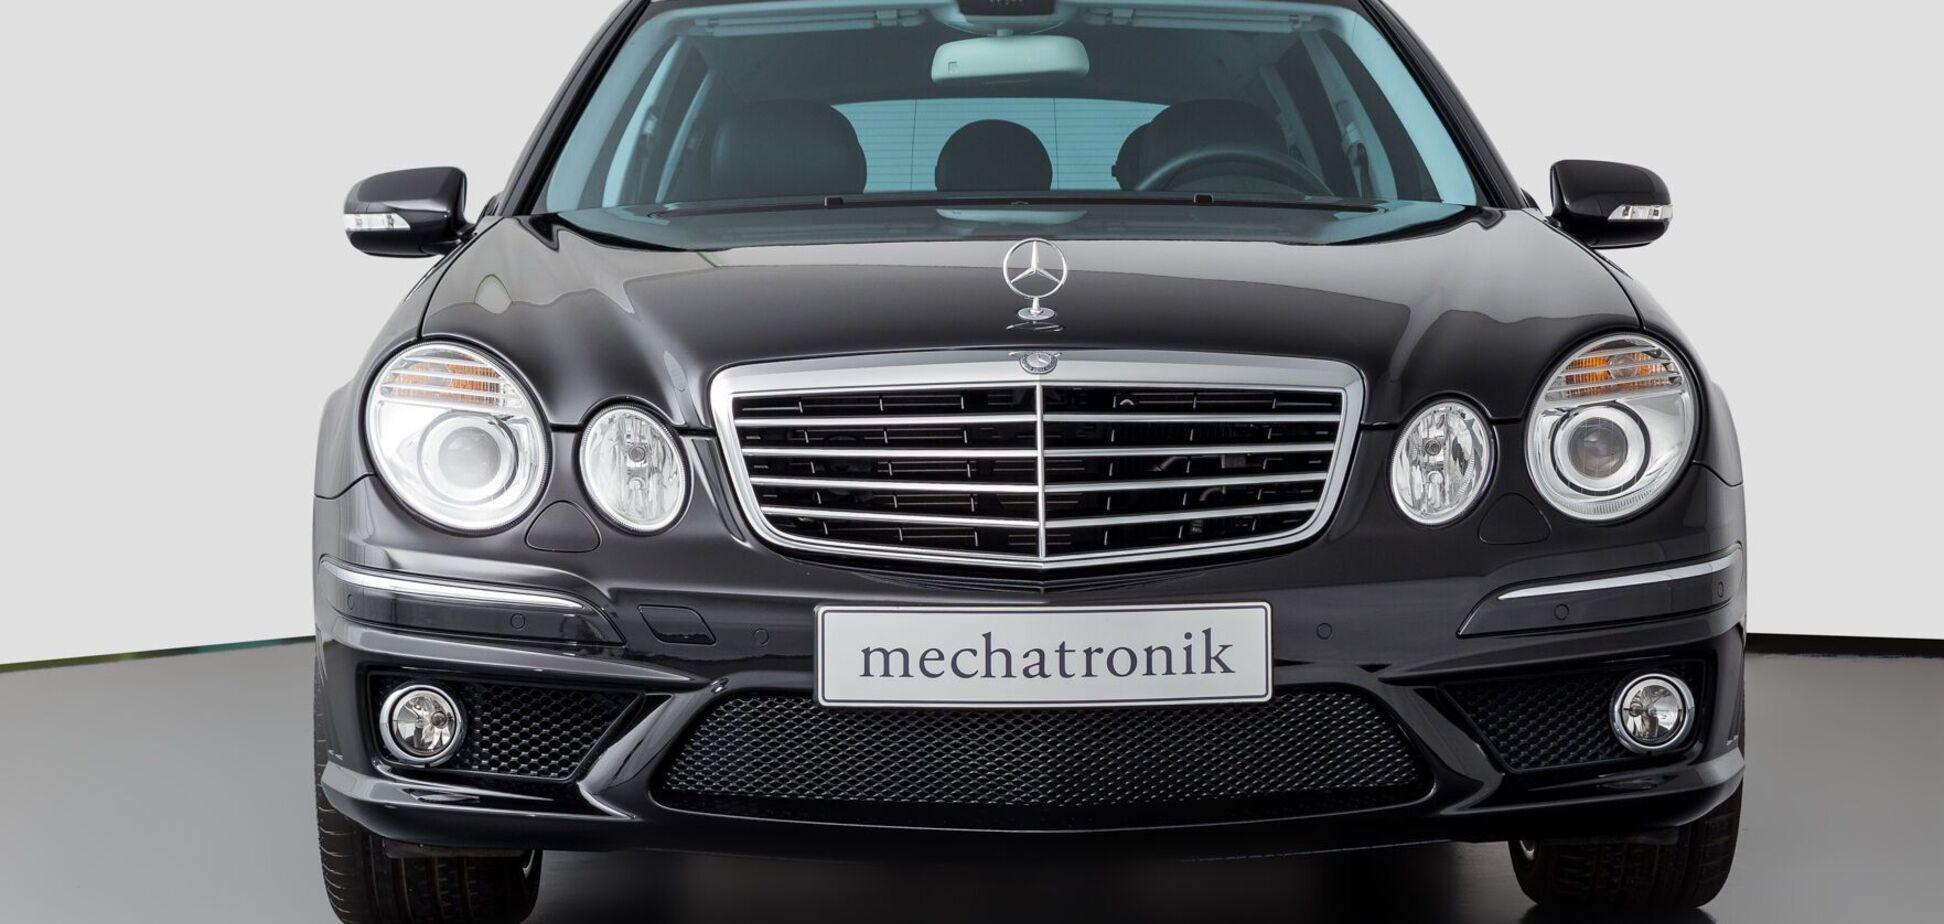 Продается ''лупатый'' Mercedes, на котором можно заработать десятки тысяч евро